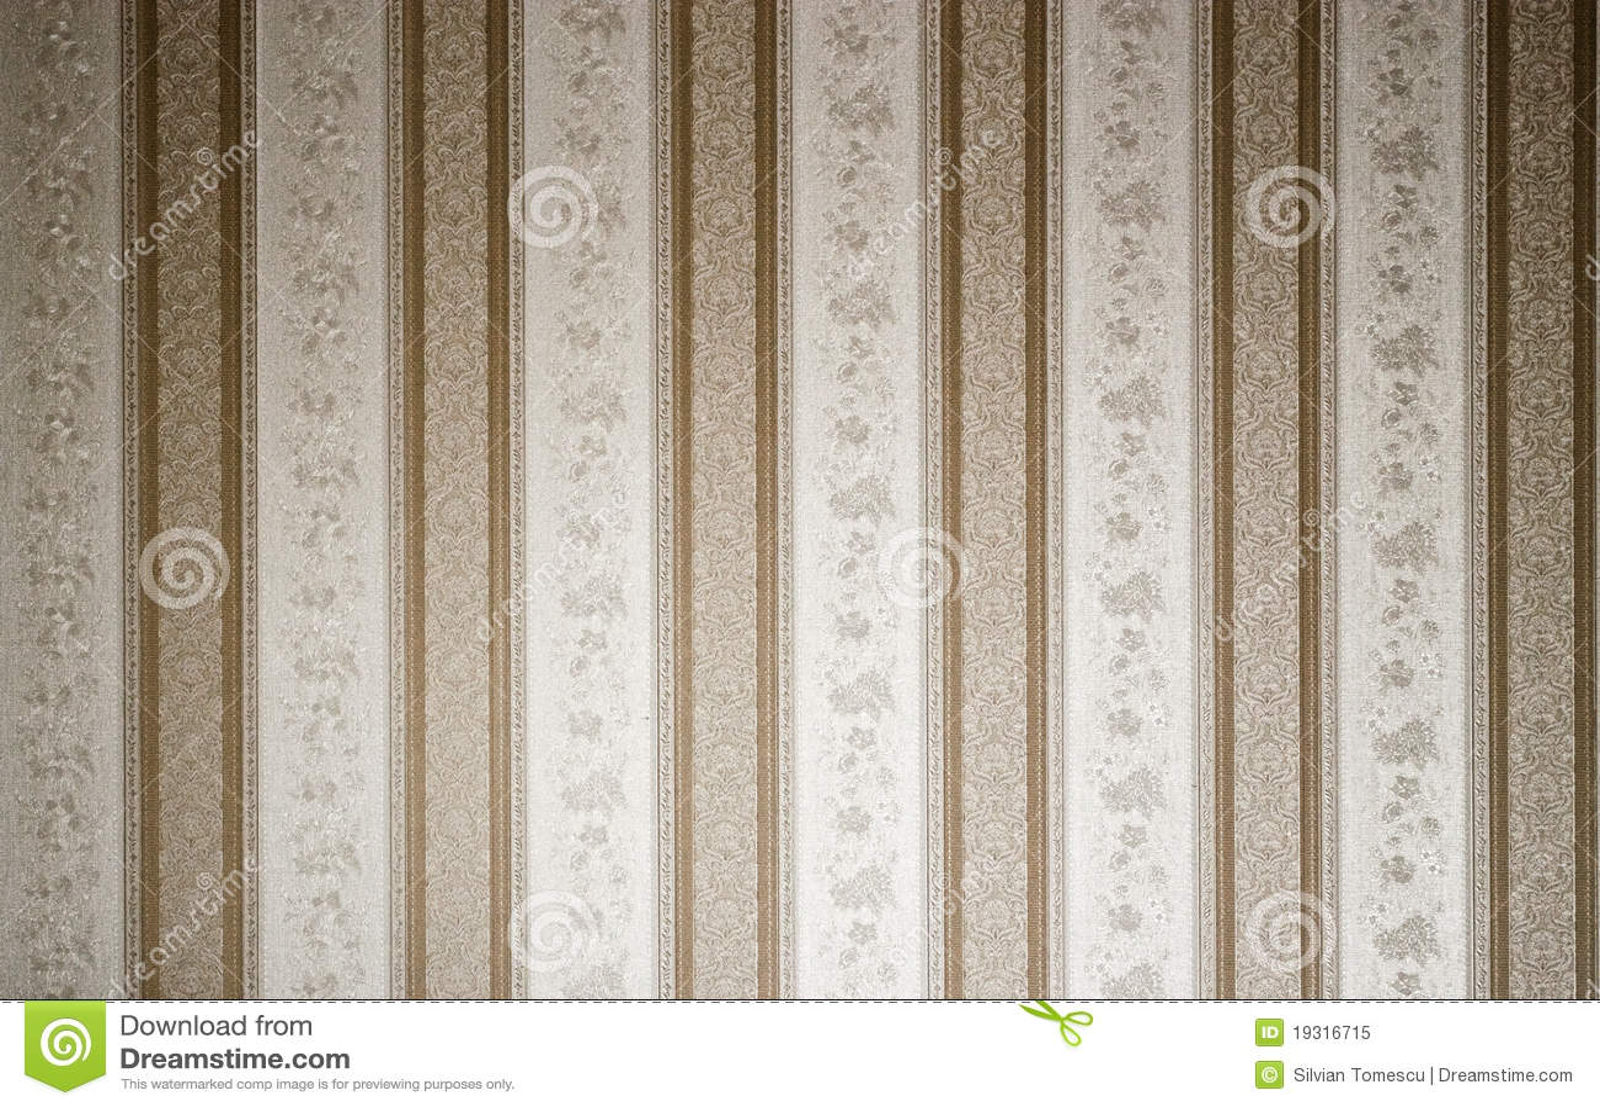 Carta Da Parati A Righe Tortora : Carta da parati texture righe. best leonardo leonardo leonardo with